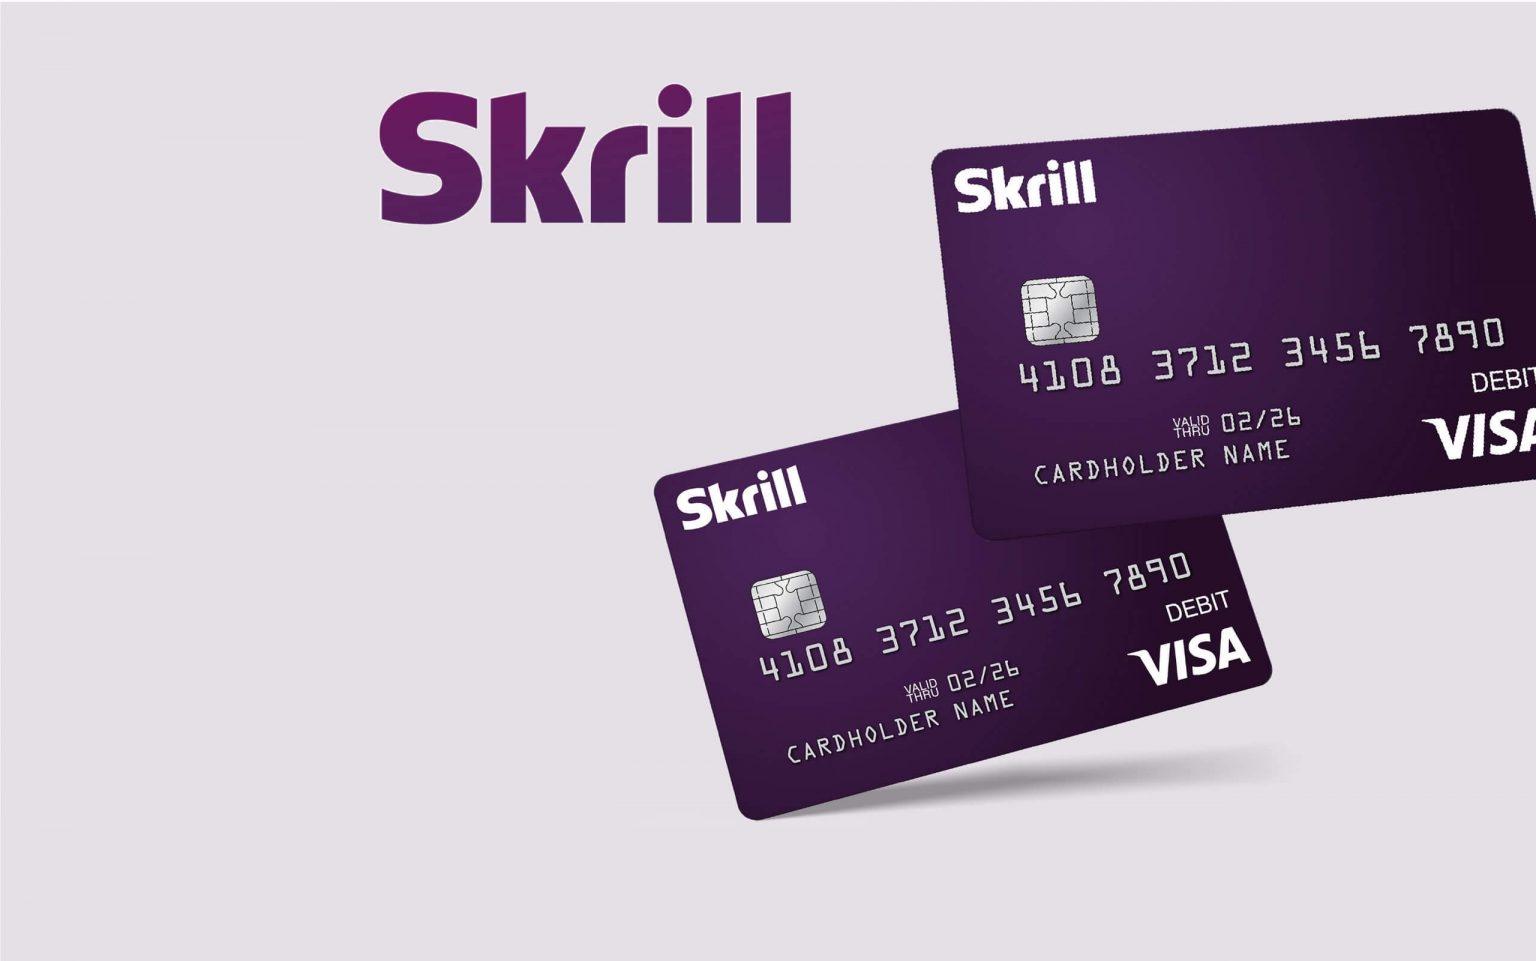 Carteira para pagamentos online Skrill